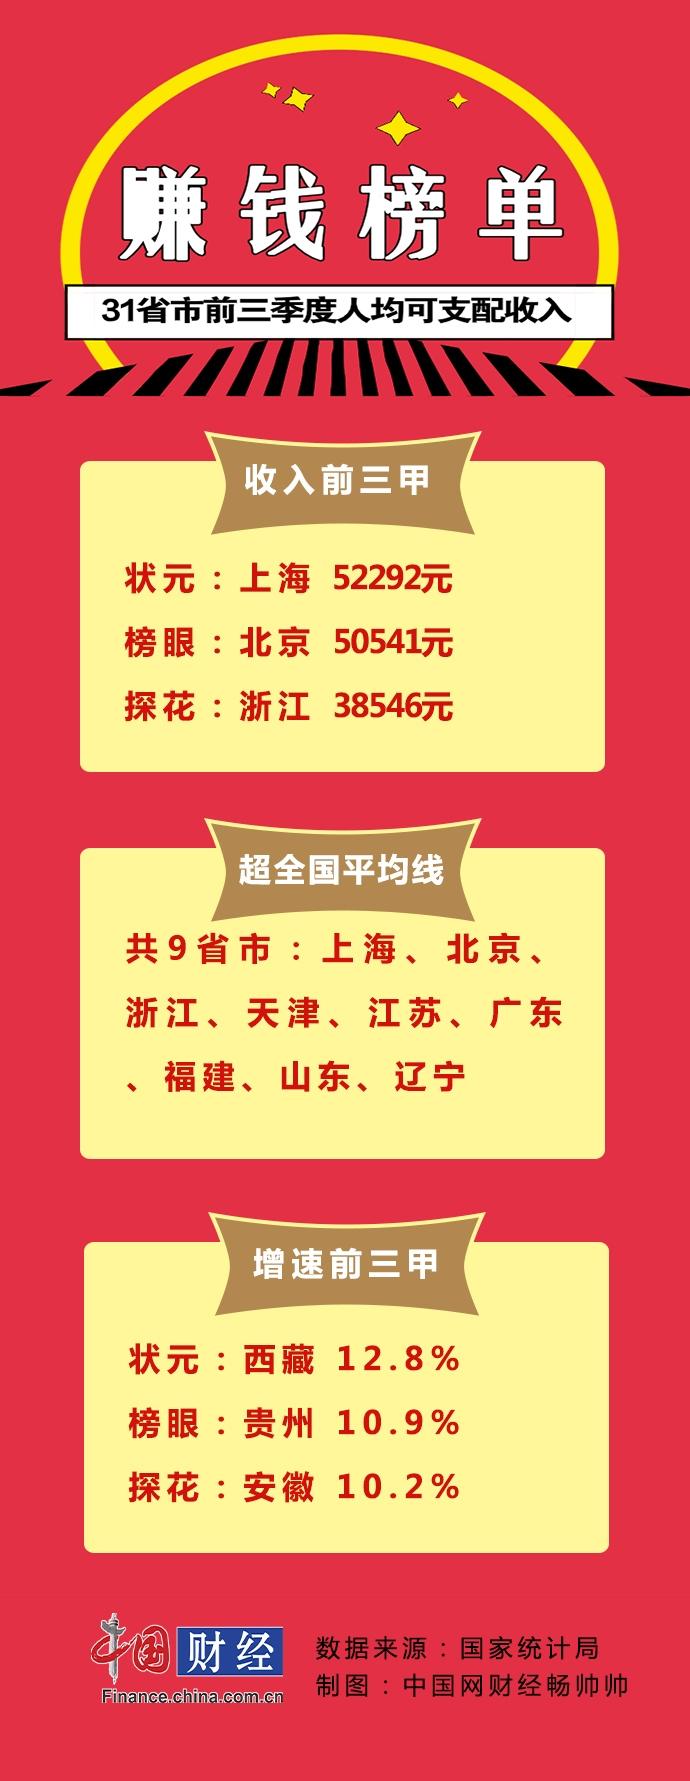 申博sunbet怎么样-中国人必须知道的12个上古神话传说!